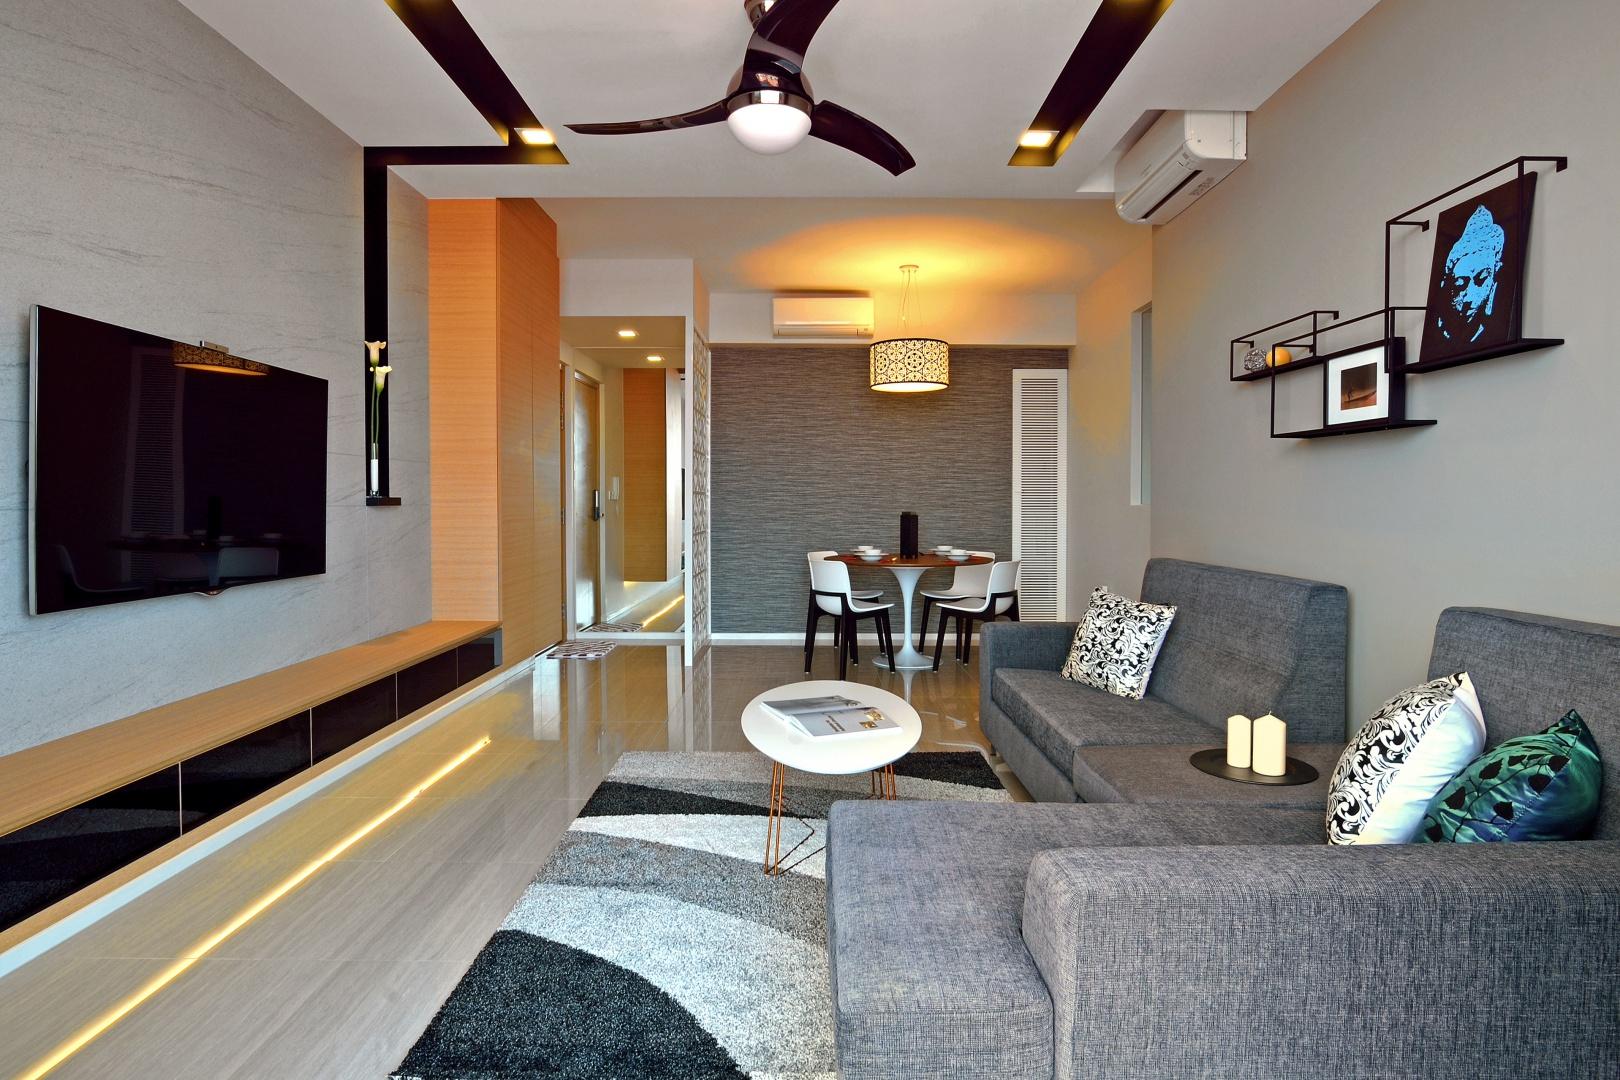 W salonie dominują stonowane barwy, a prym wiodą szarości. Szary jest komplet wypoczynkowy, ściana w jadalni, powierzchnia za TV, a nawet dywan. Wnętrze ożywiają ciepłe akcenty w kolorze drewna i czarne elementy. Projekt: KNQ Associates. Fot. KNQ Associates.